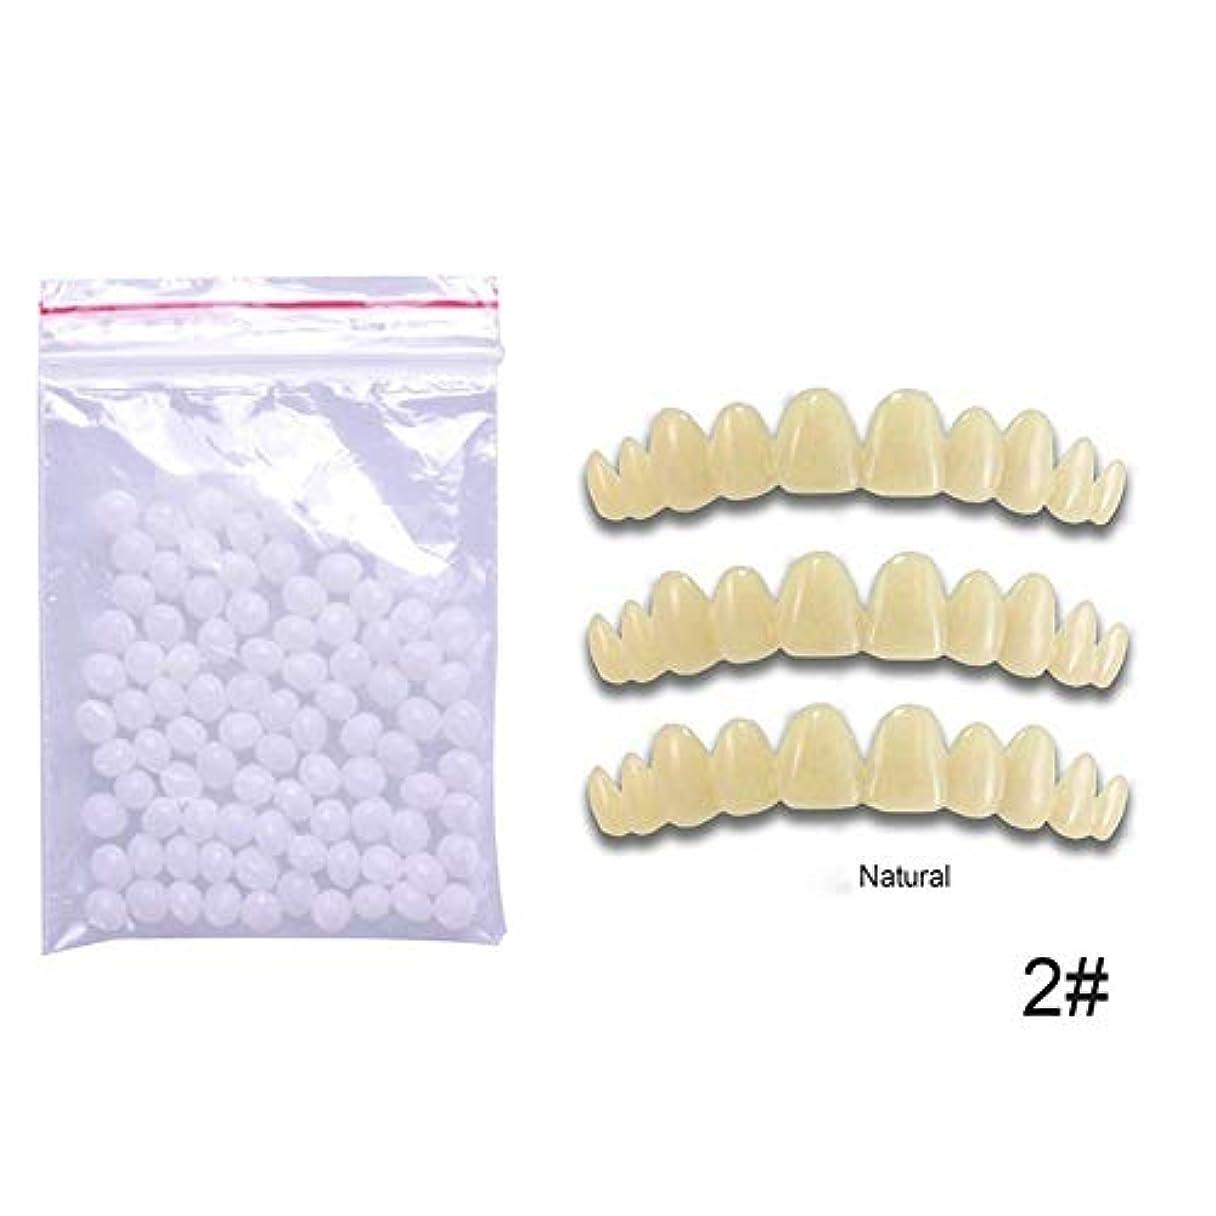 著者無法者農民5一時的な歯の色合い1pcs 切断可能な義歯セット含まれています1バッグビーズ交換のためのパーフェクトスマイルナチュラルホワイトダーク,Natural5PCS